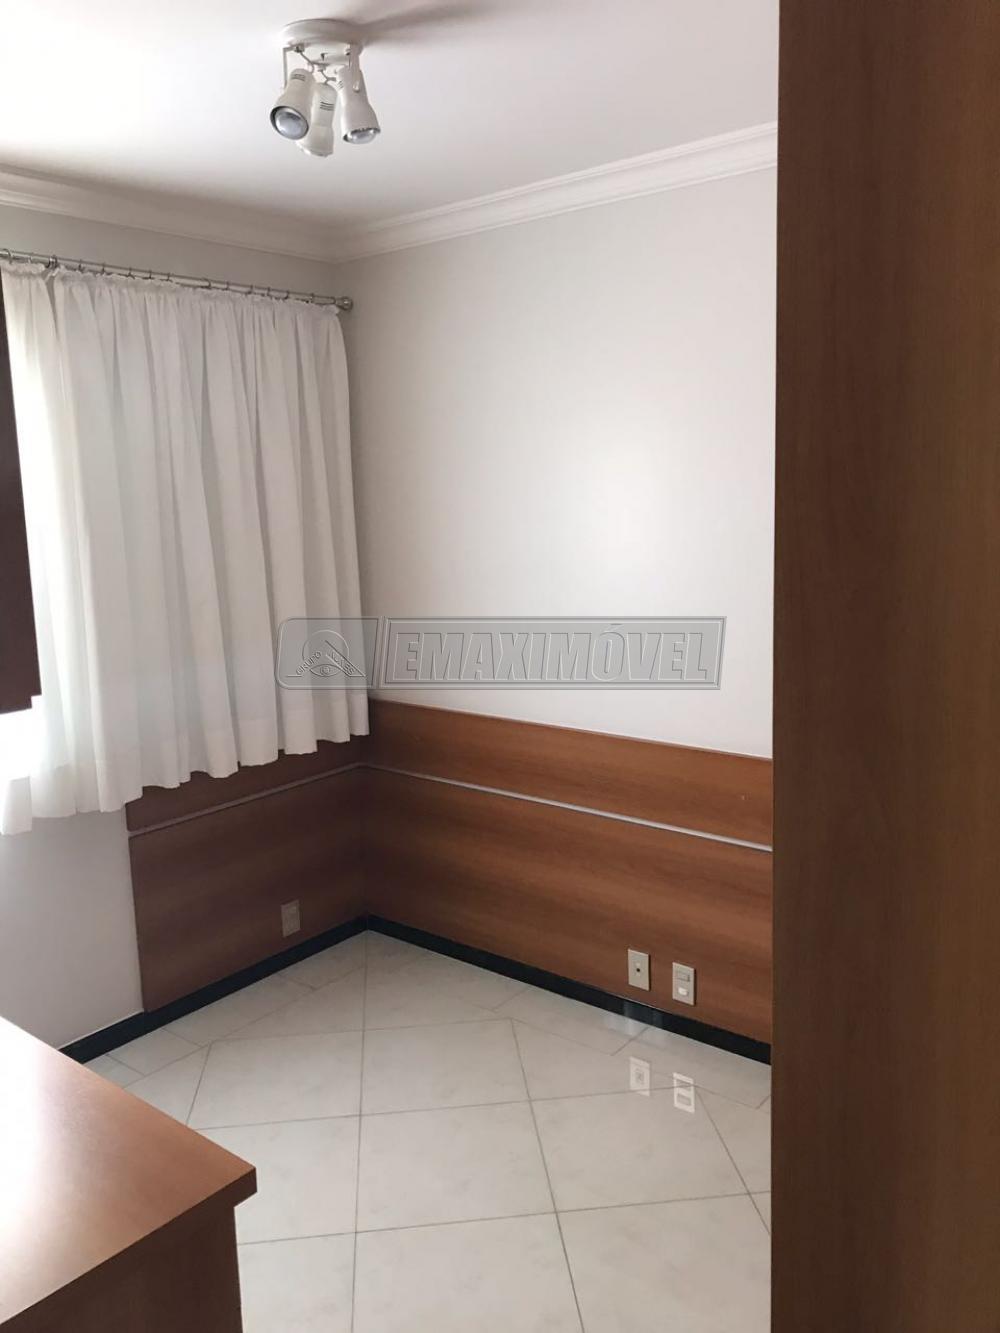 Alugar Apartamentos / Apto Padrão em Sorocaba apenas R$ 3.900,00 - Foto 19